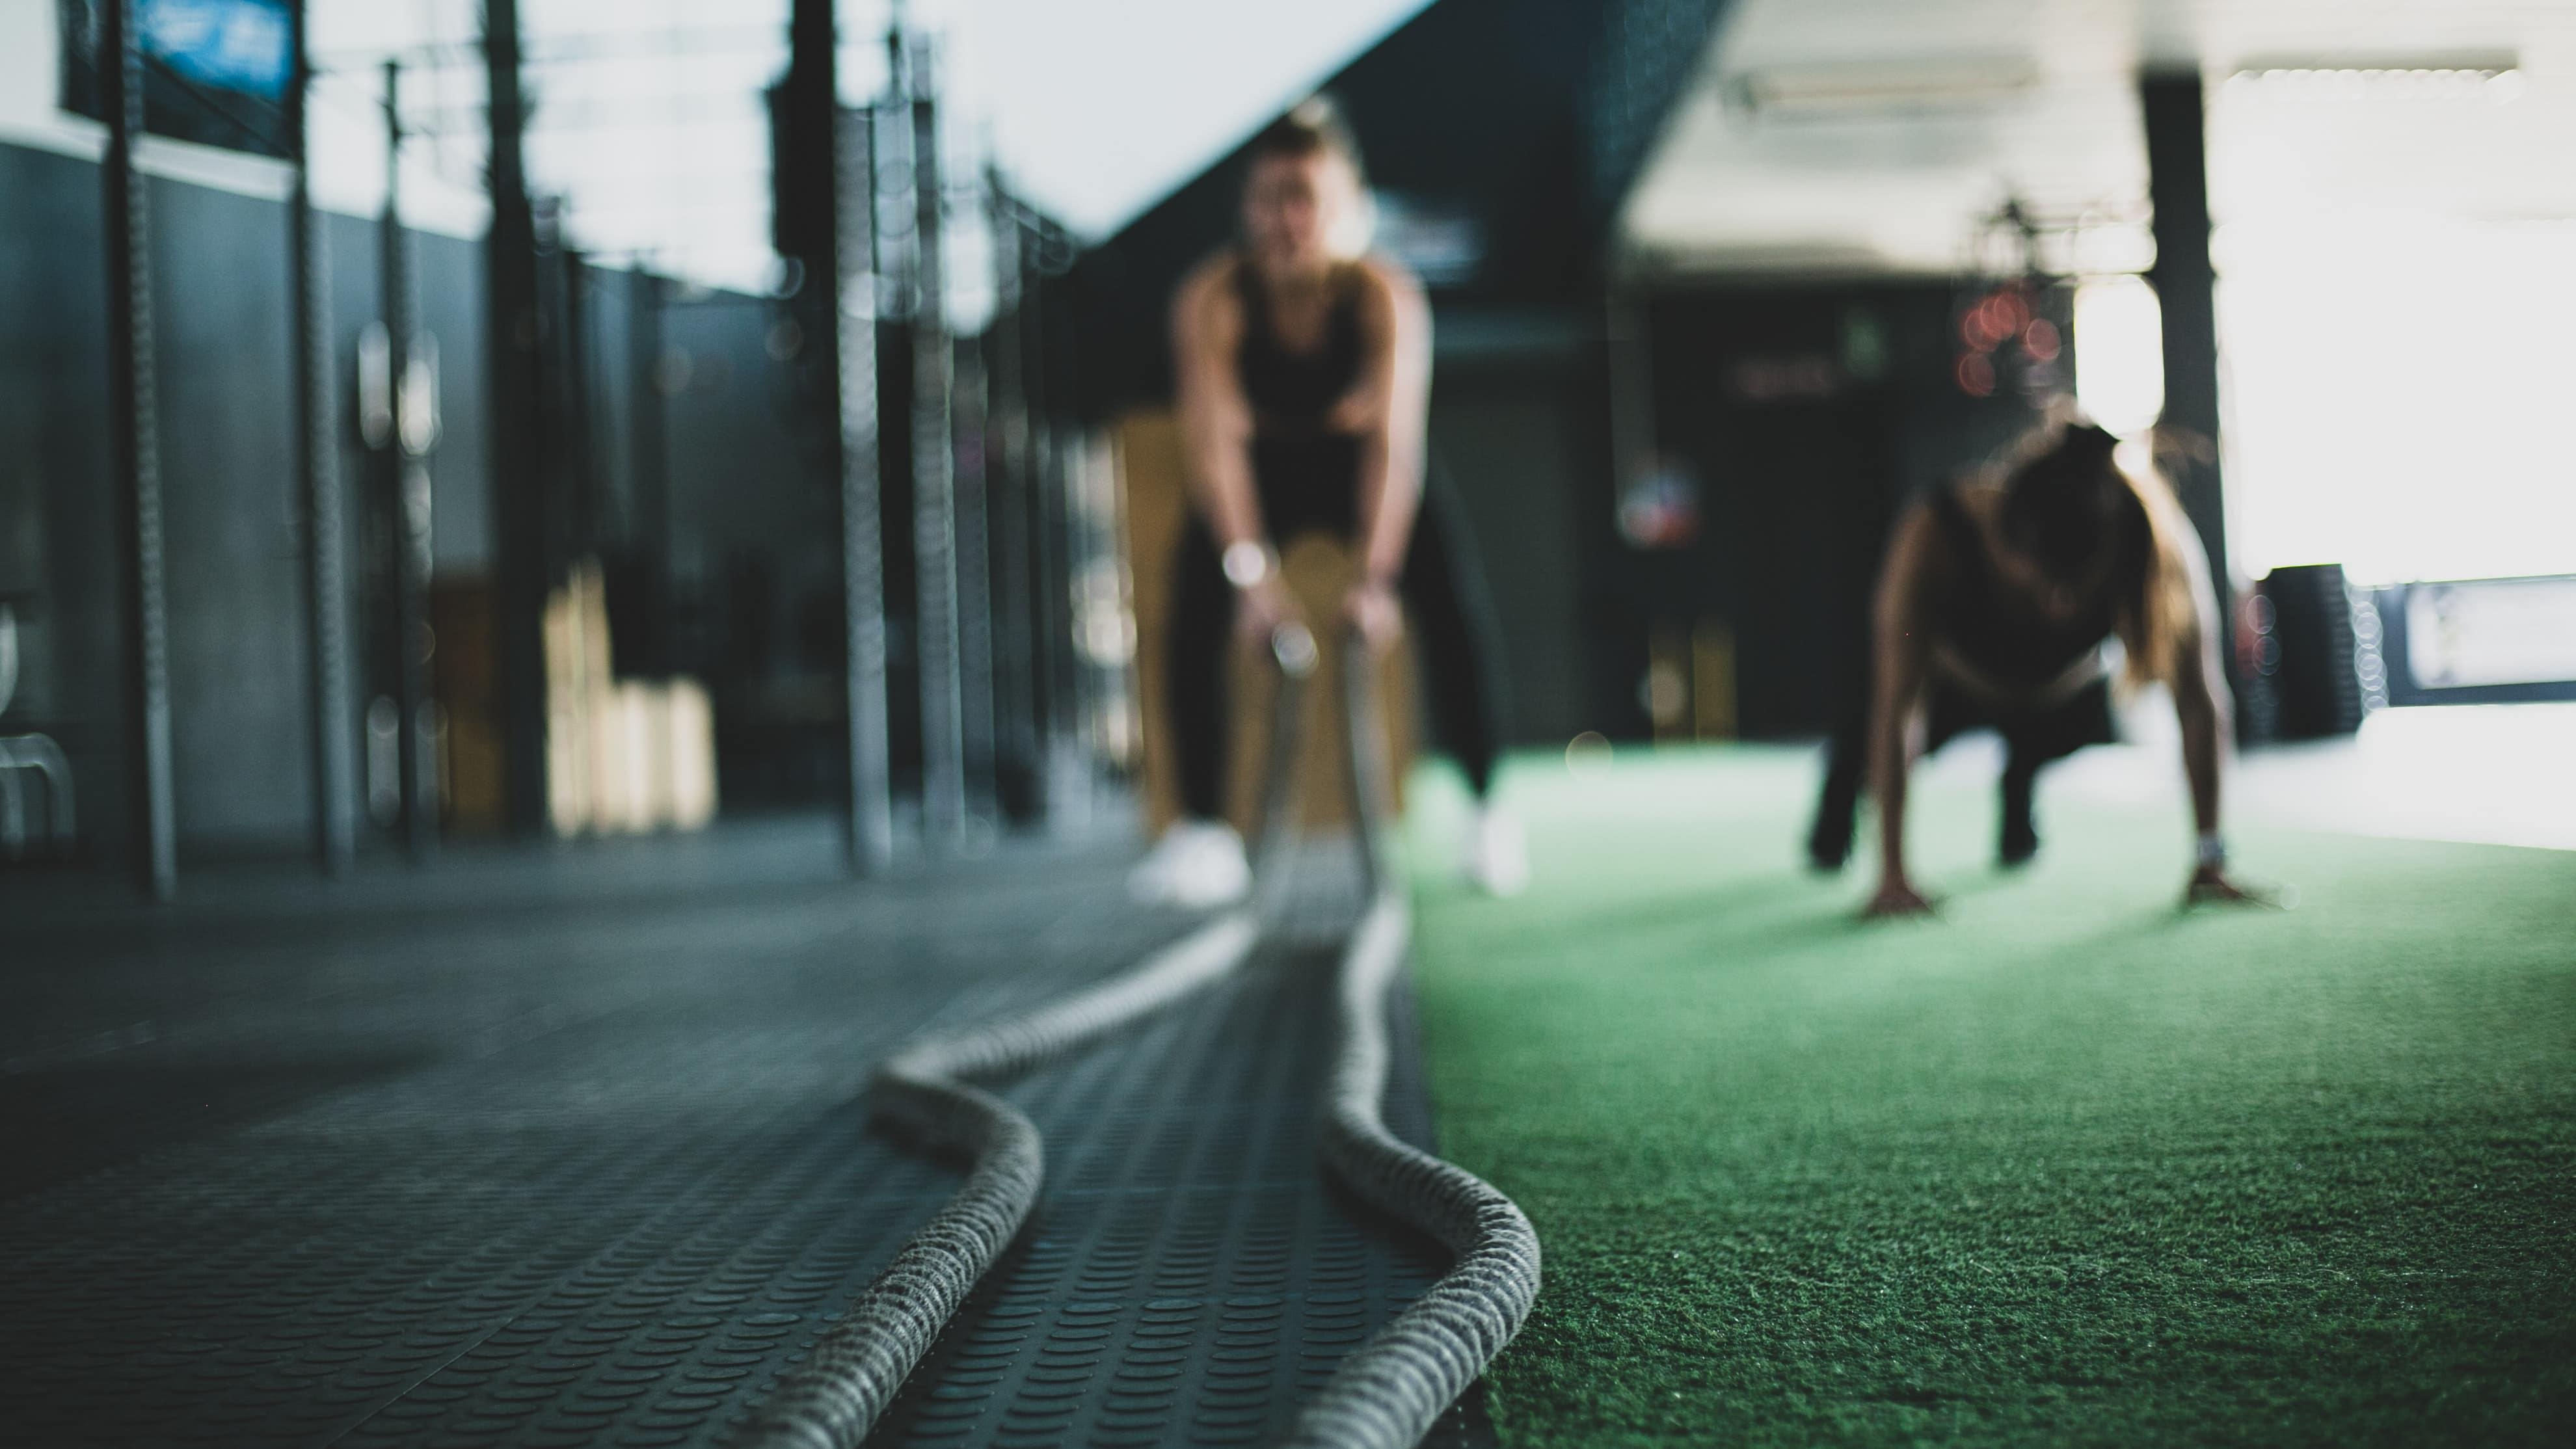 Nación Cannabis | Fitness y marihuana: surge una nueva generación de atletas